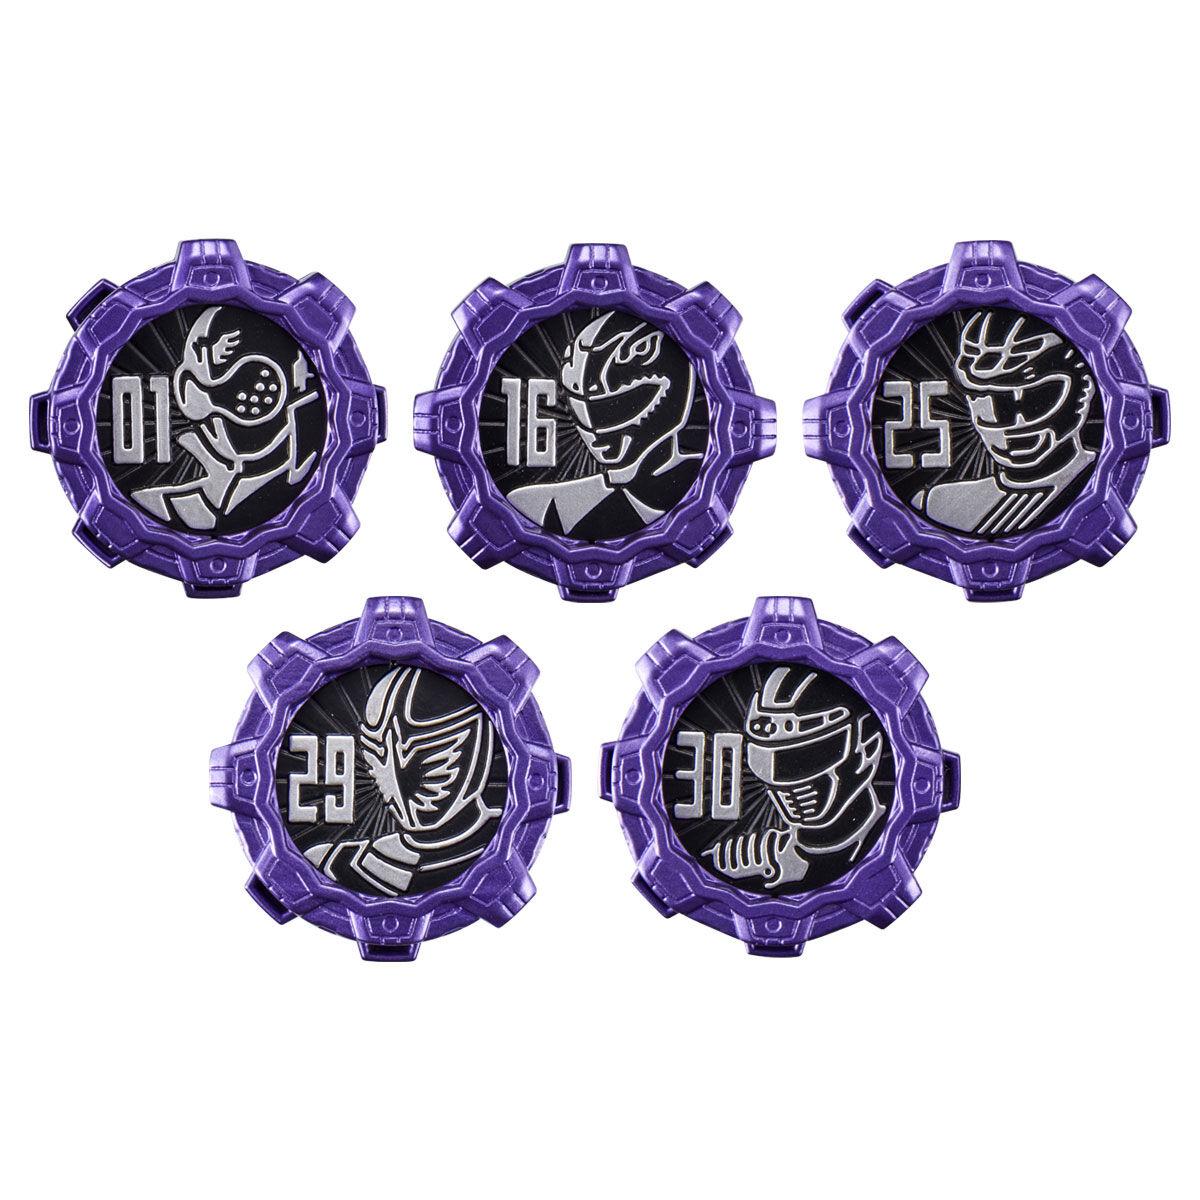 【限定販売】機界戦隊ゼンカイジャー『DXギアトジンガー』ステイシーザー 変身なりきり-006